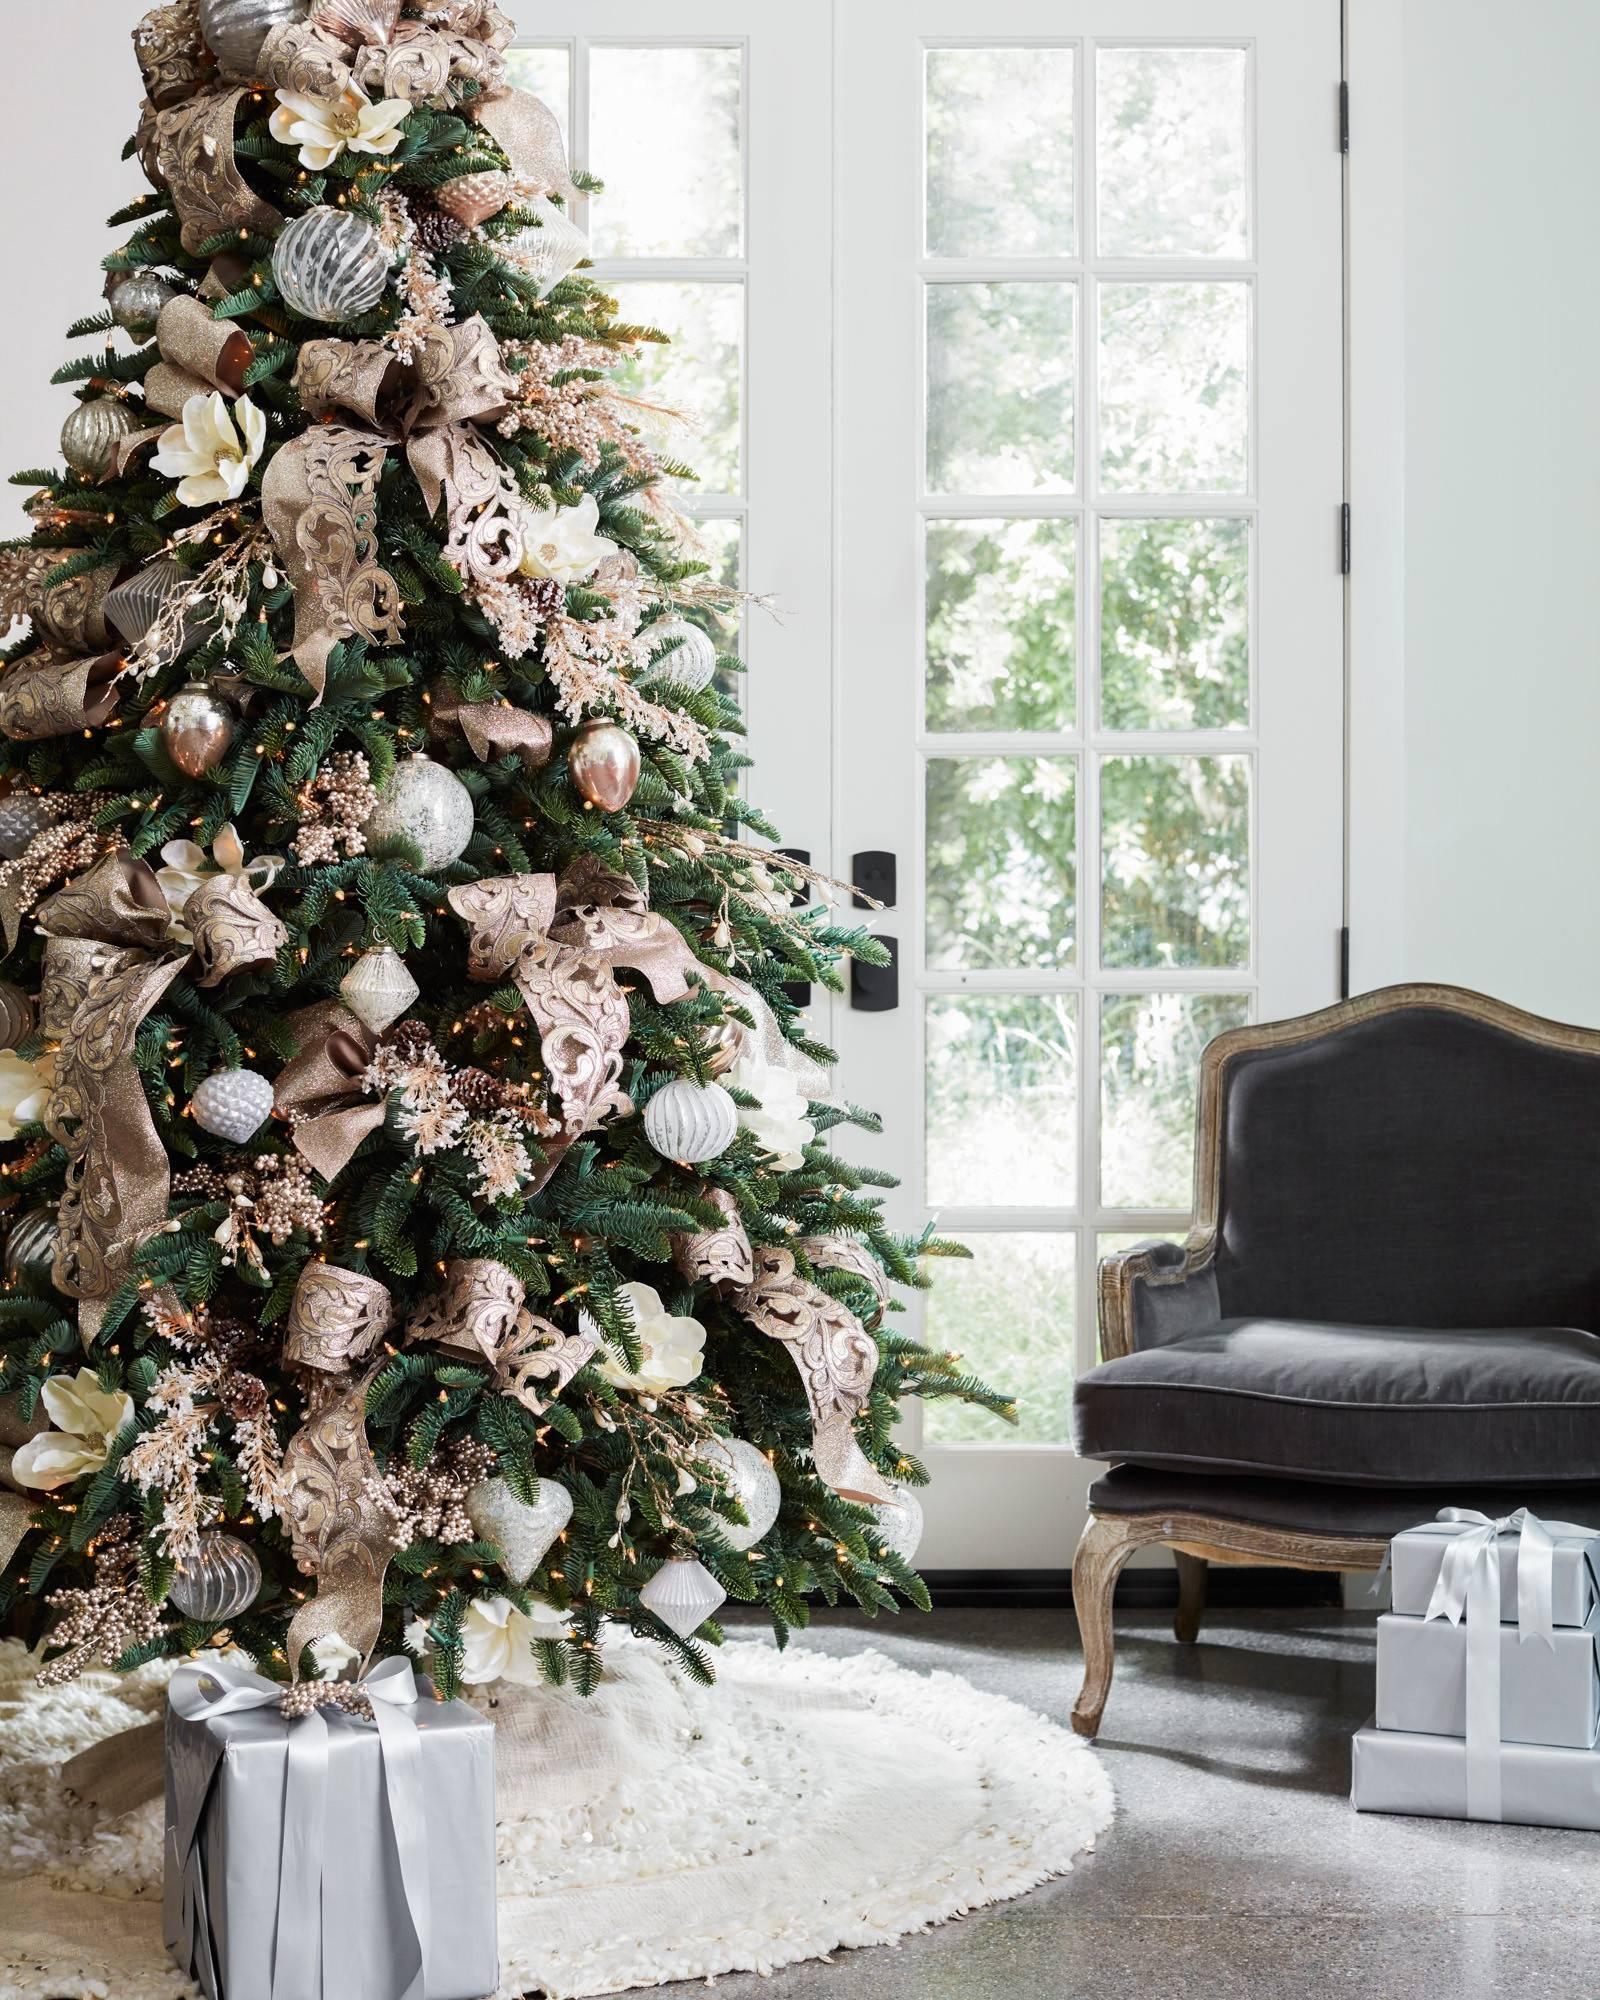 juliette fringed tree skirt alt - White Christmas Tree Skirt